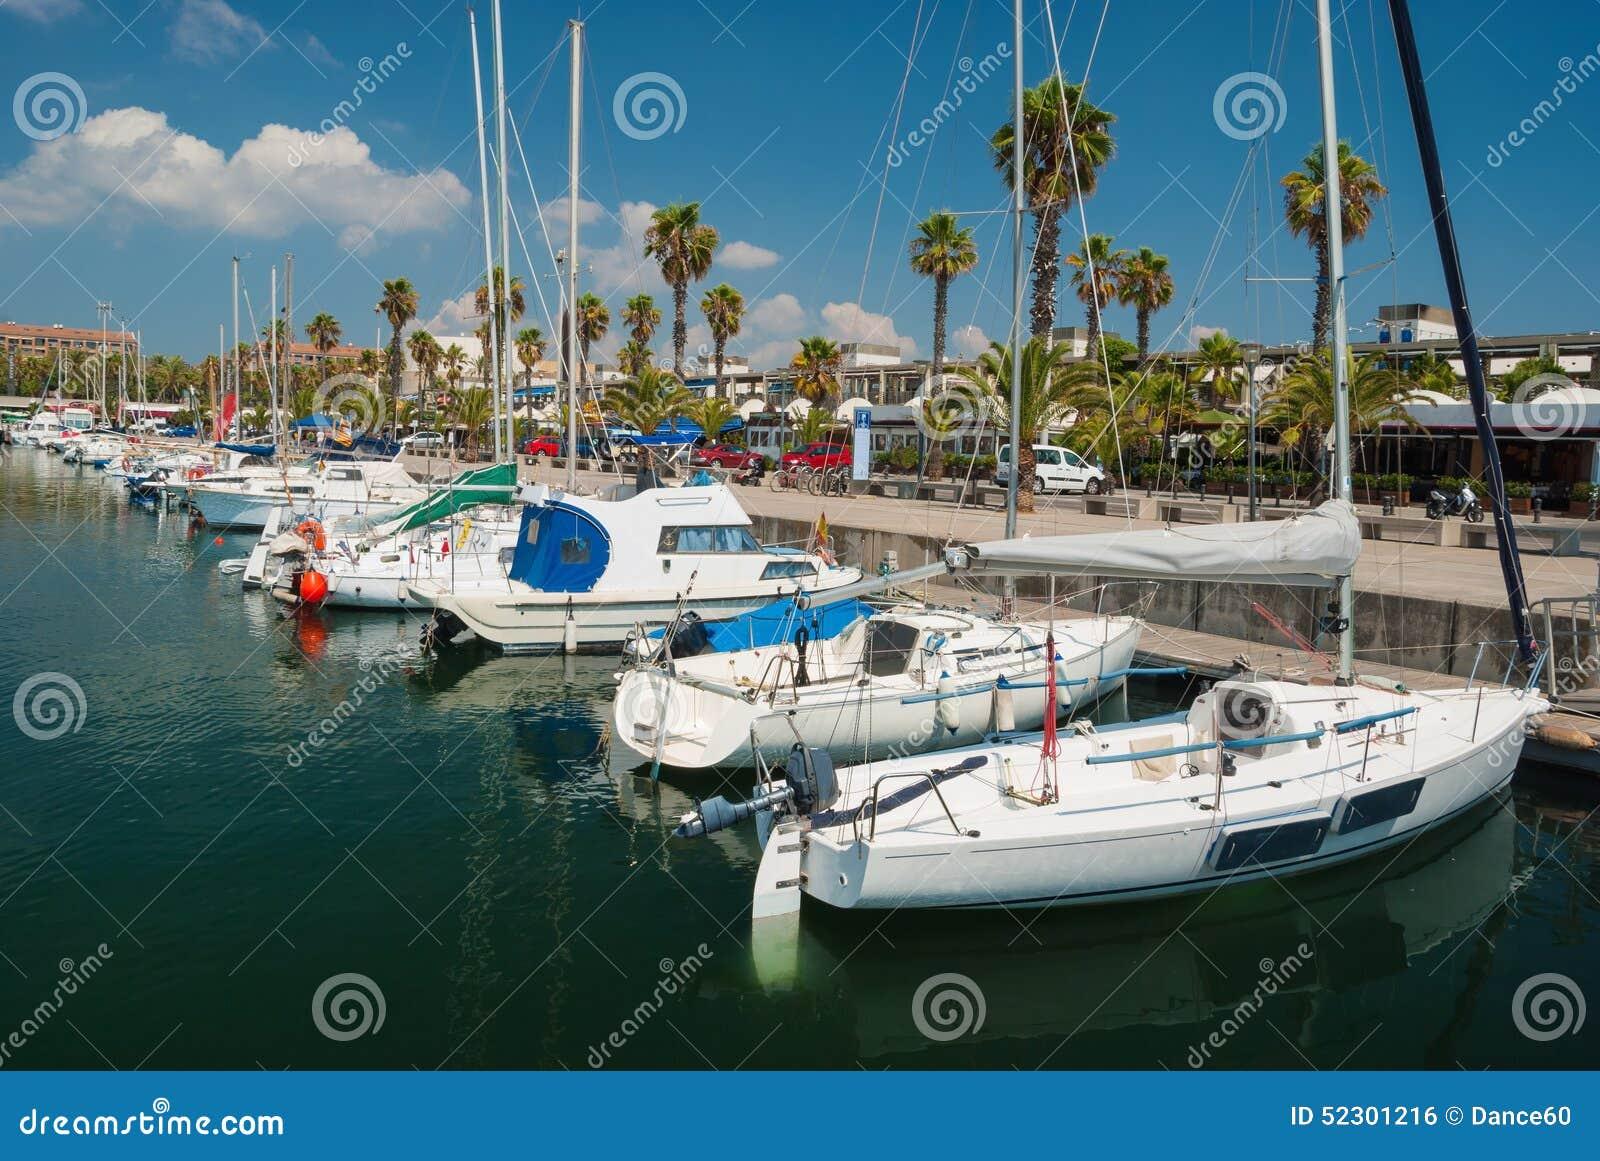 Бизнес план яхт клуба скачать популярный бизнес за границей идеи